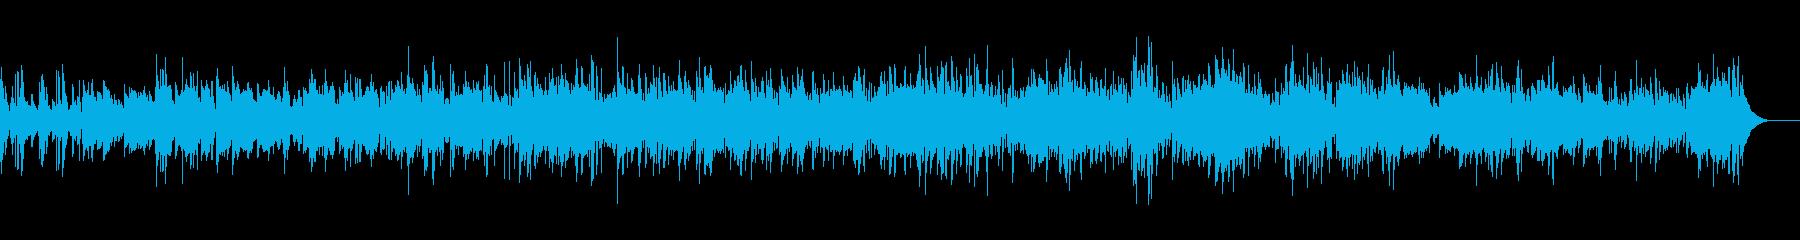 心弾む軽快なジャズの再生済みの波形